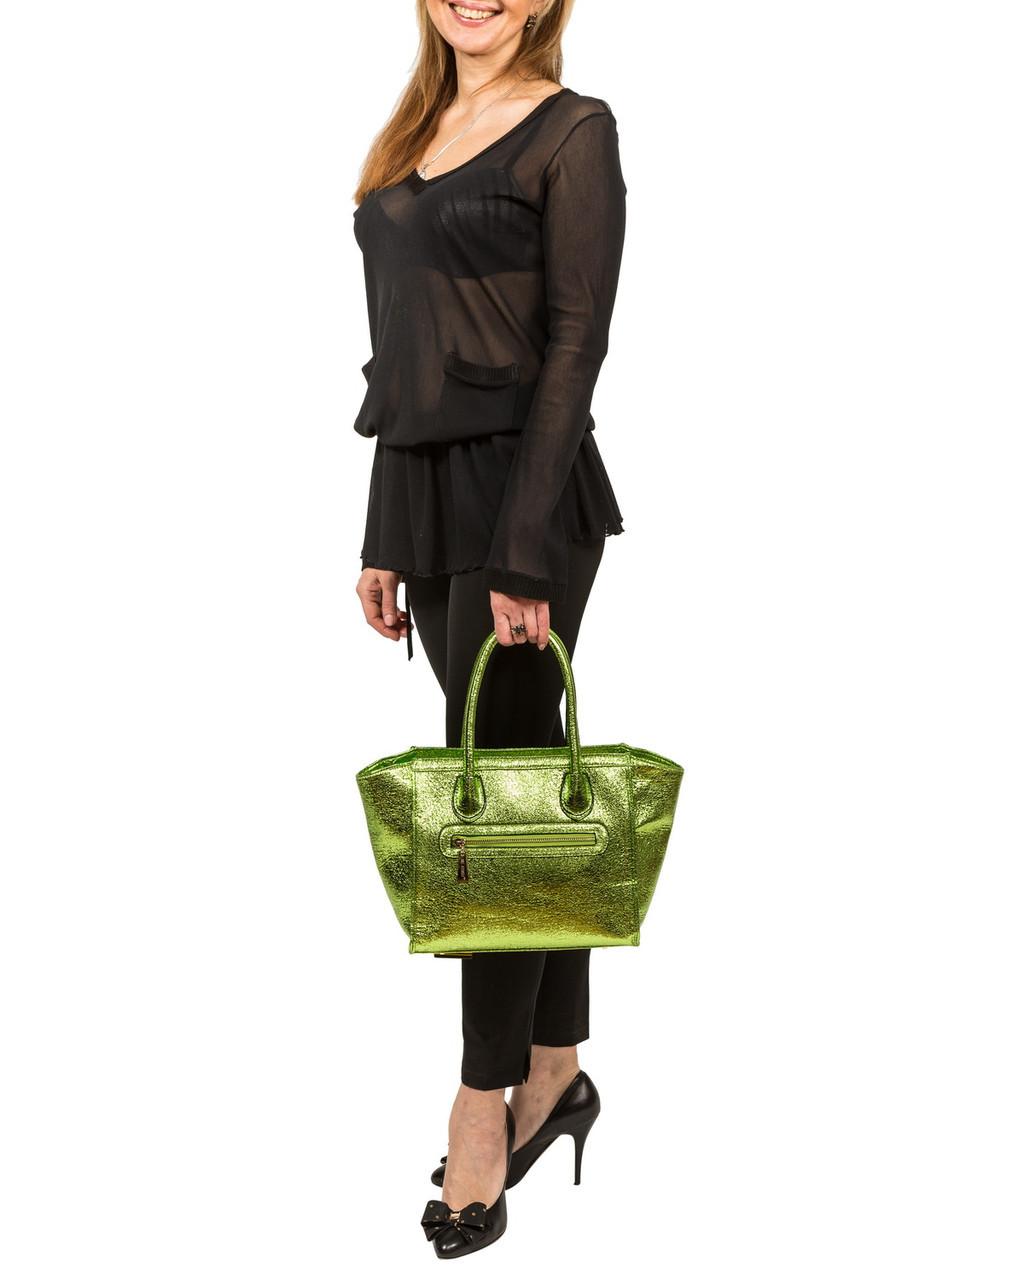 Жіноча сумка - кошик. Сумки різних кольорів.